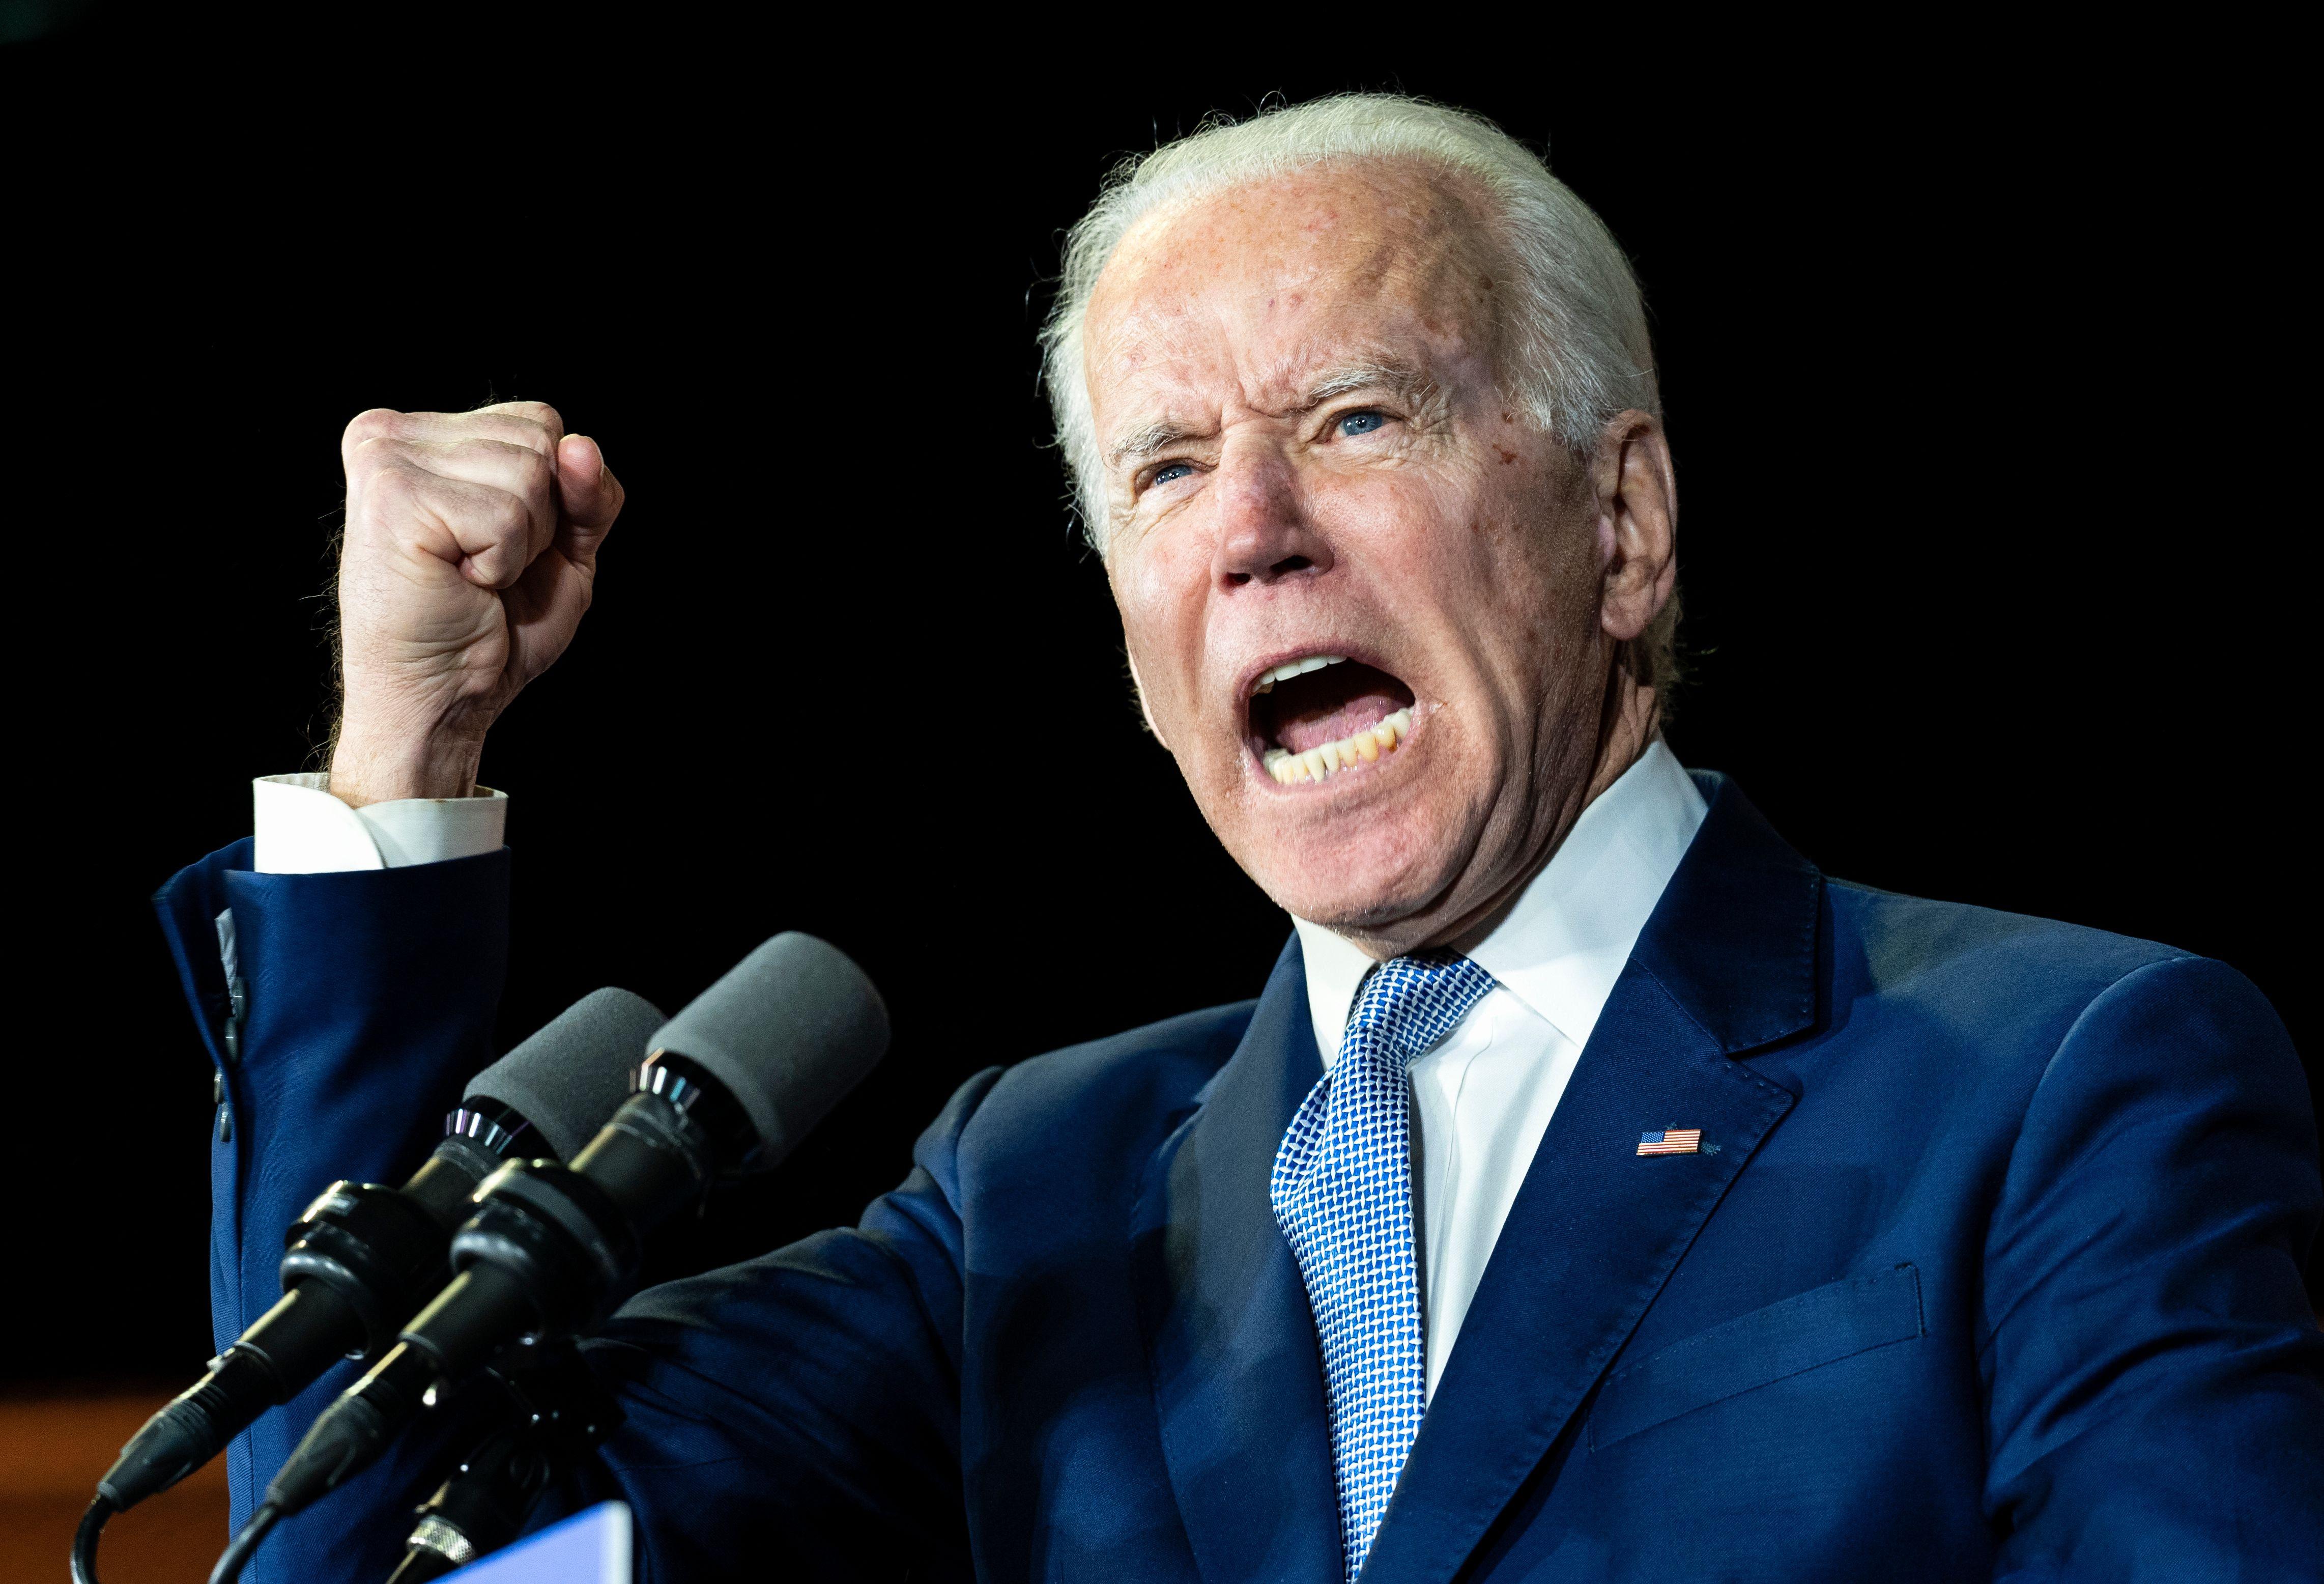 Joe Biden angry